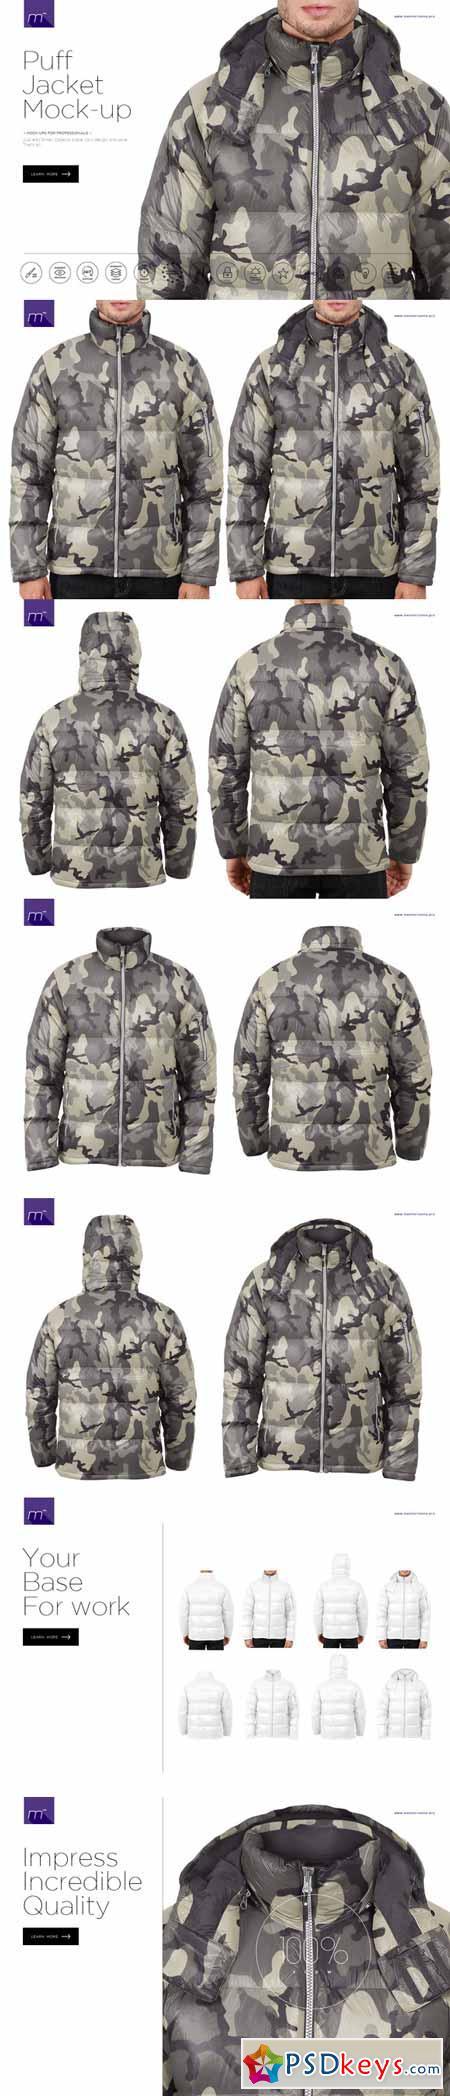 Puff Jacket Mock-up 585918